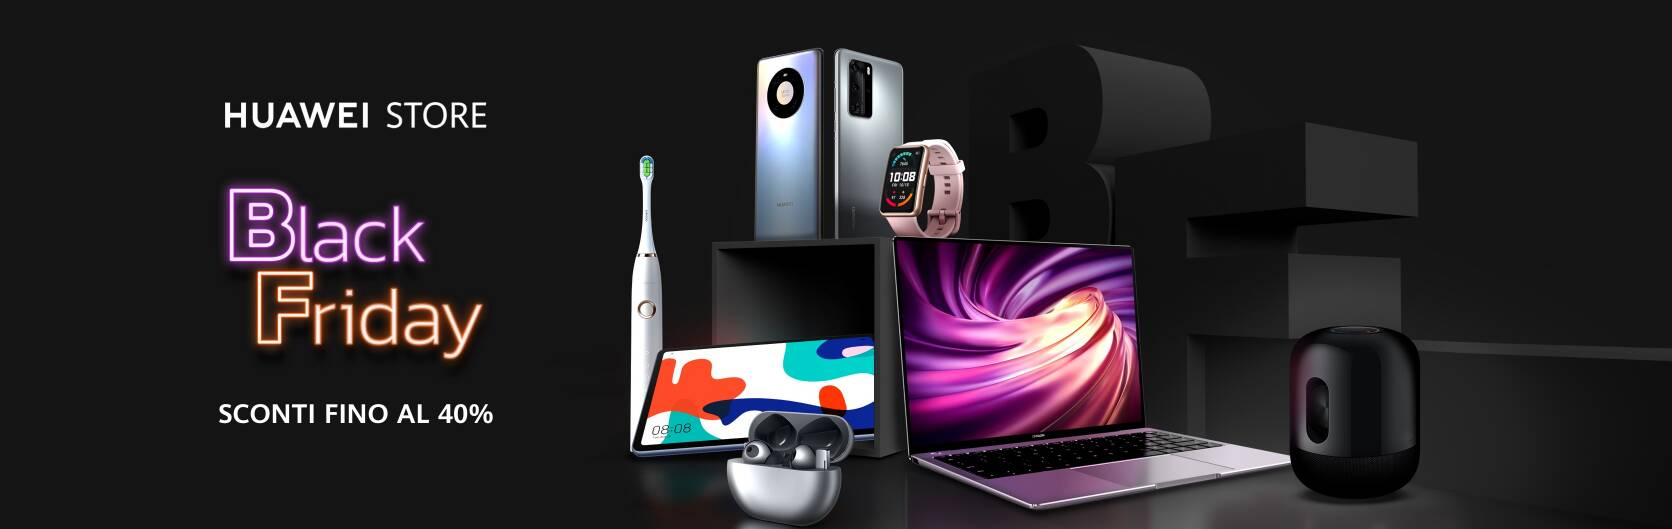 BF Huawei